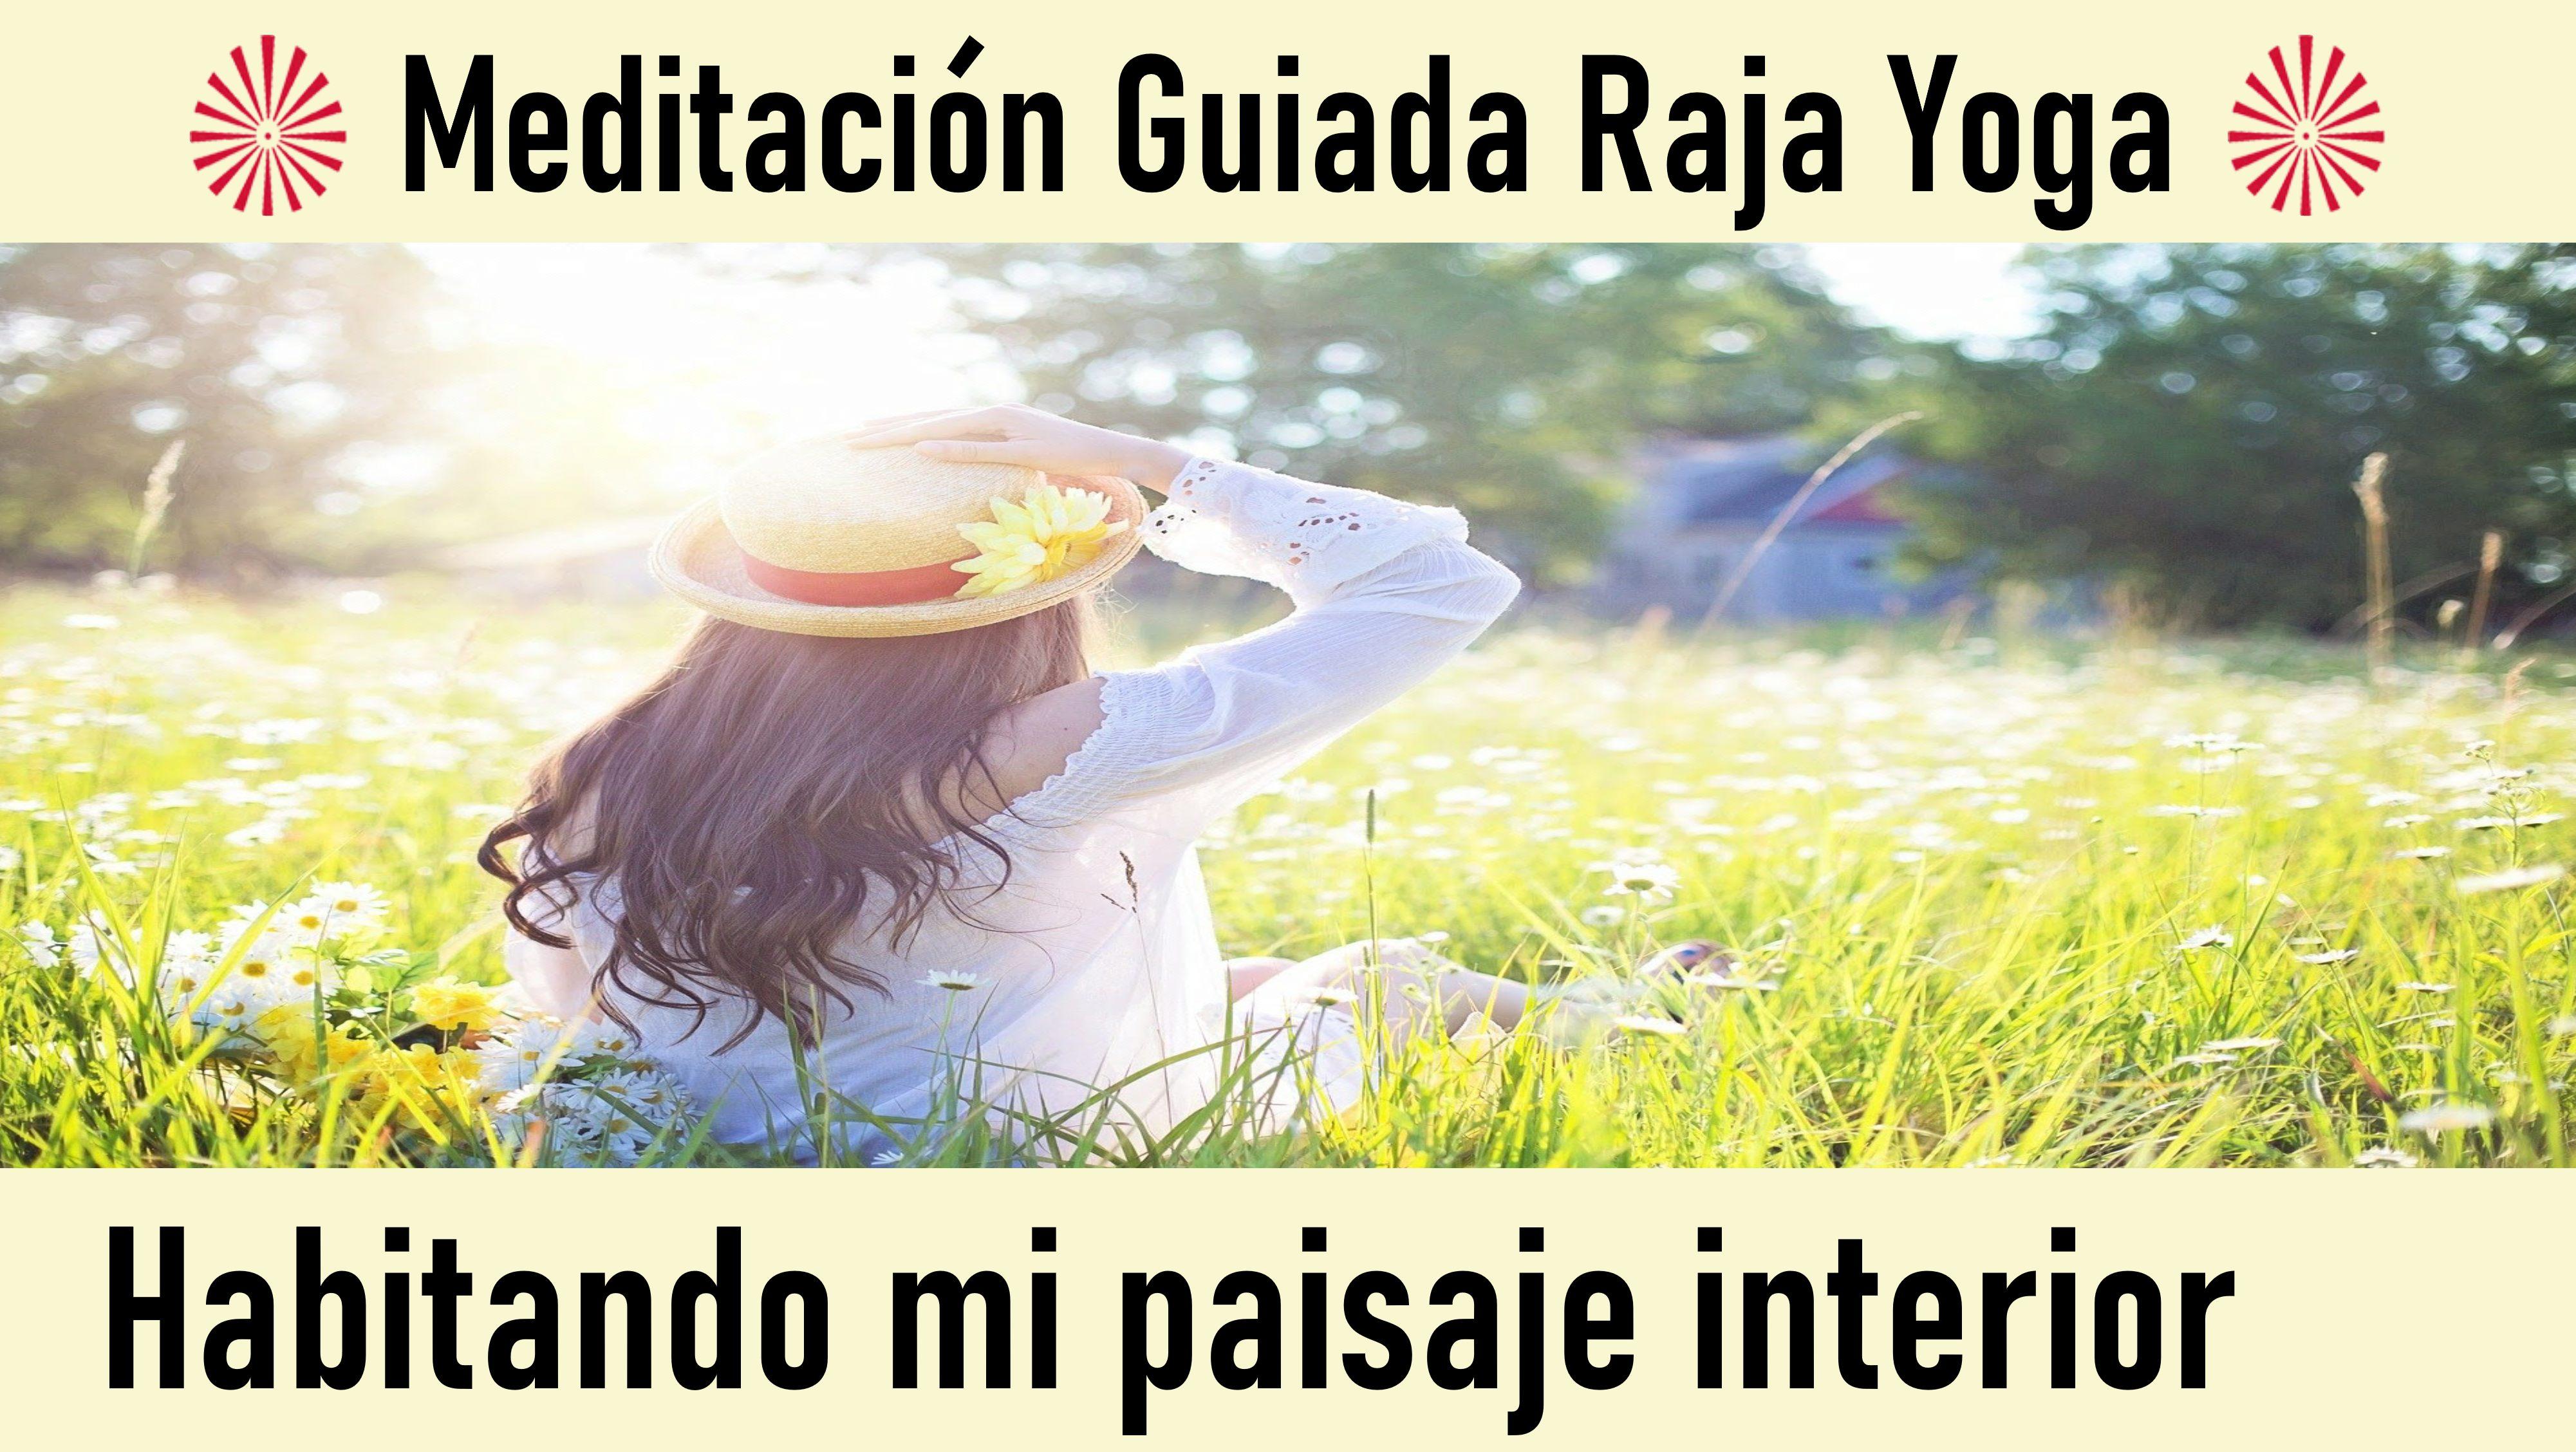 22 Mayo 2020 Meditación Guiada: Habitando mi paisaje interior